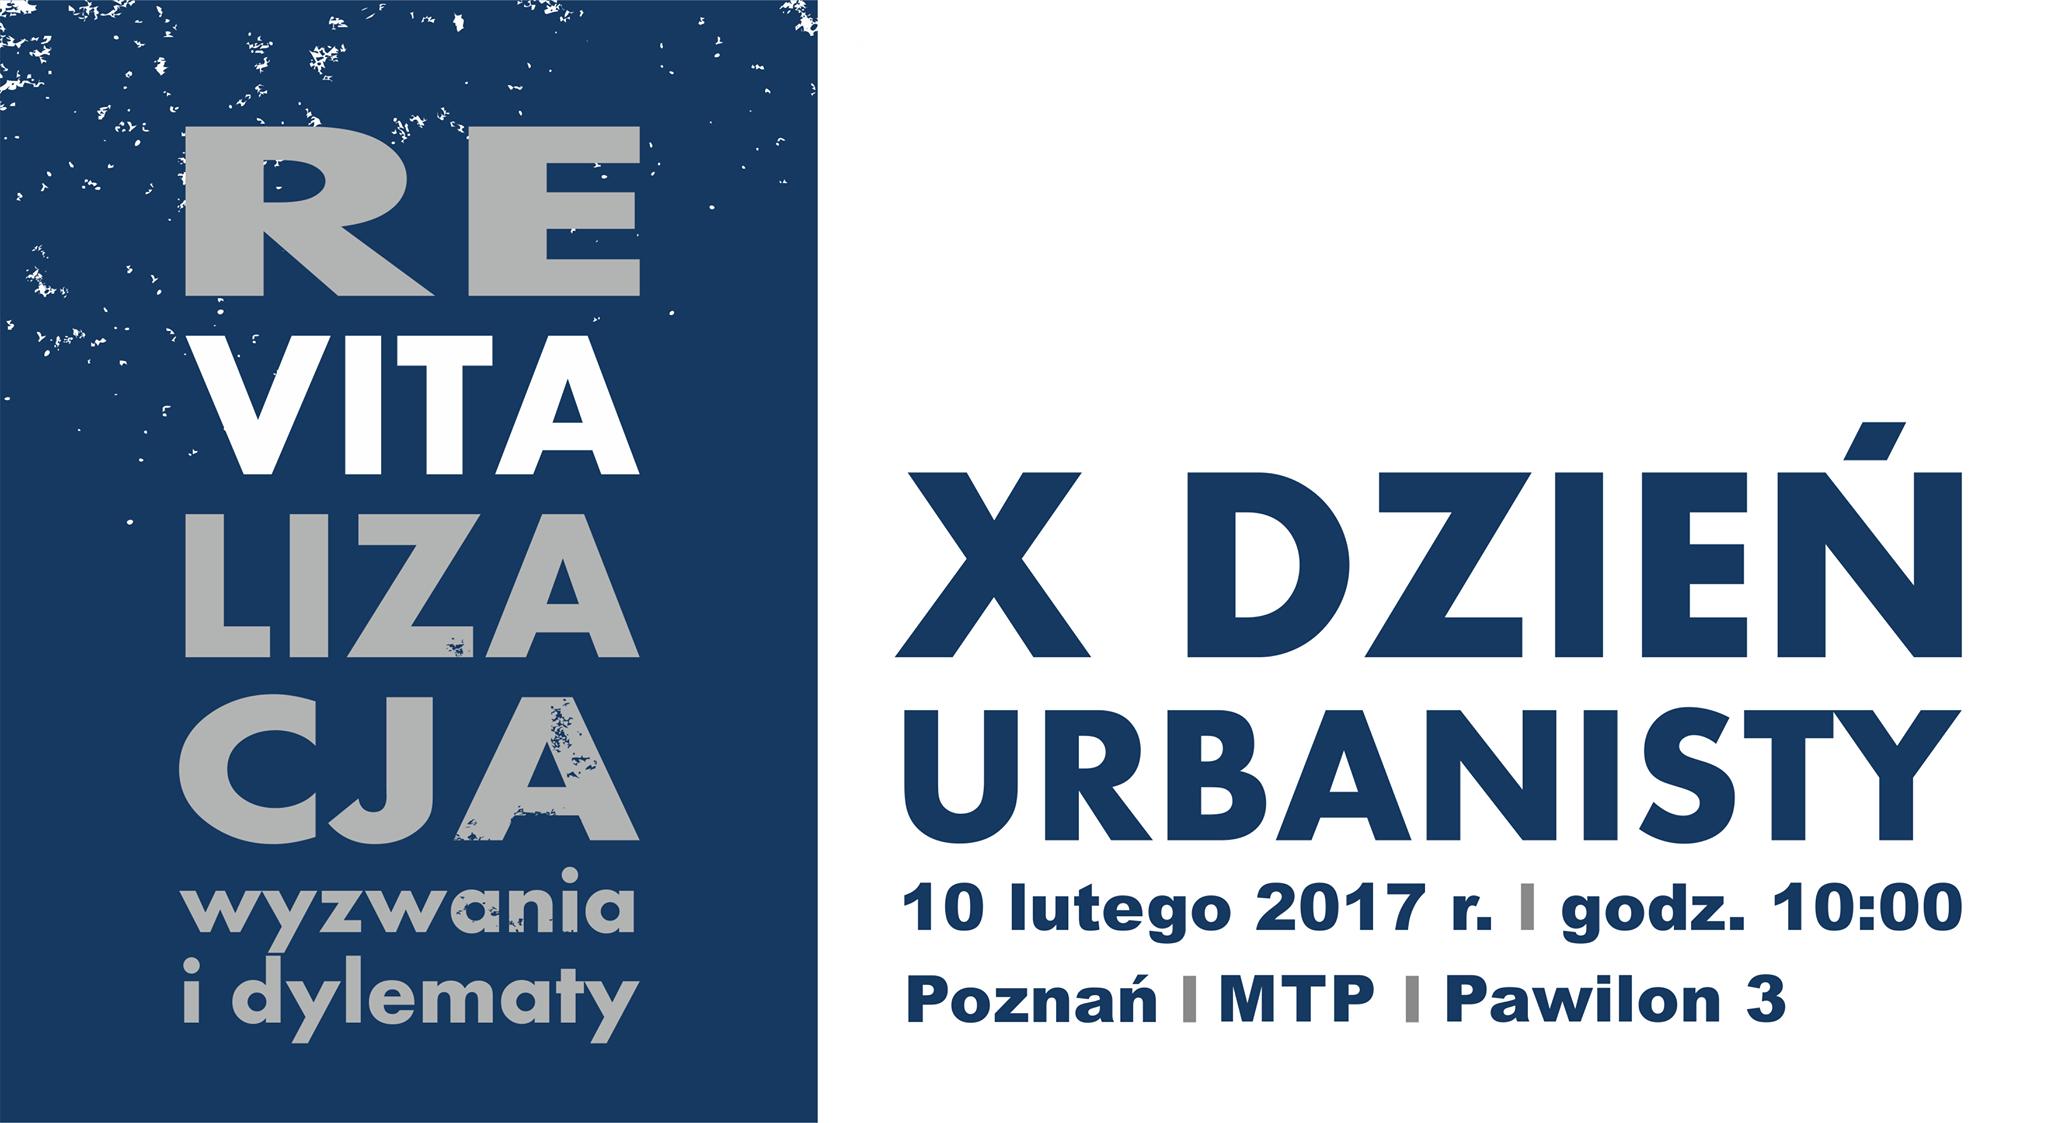 X dzień urbanisty 2017